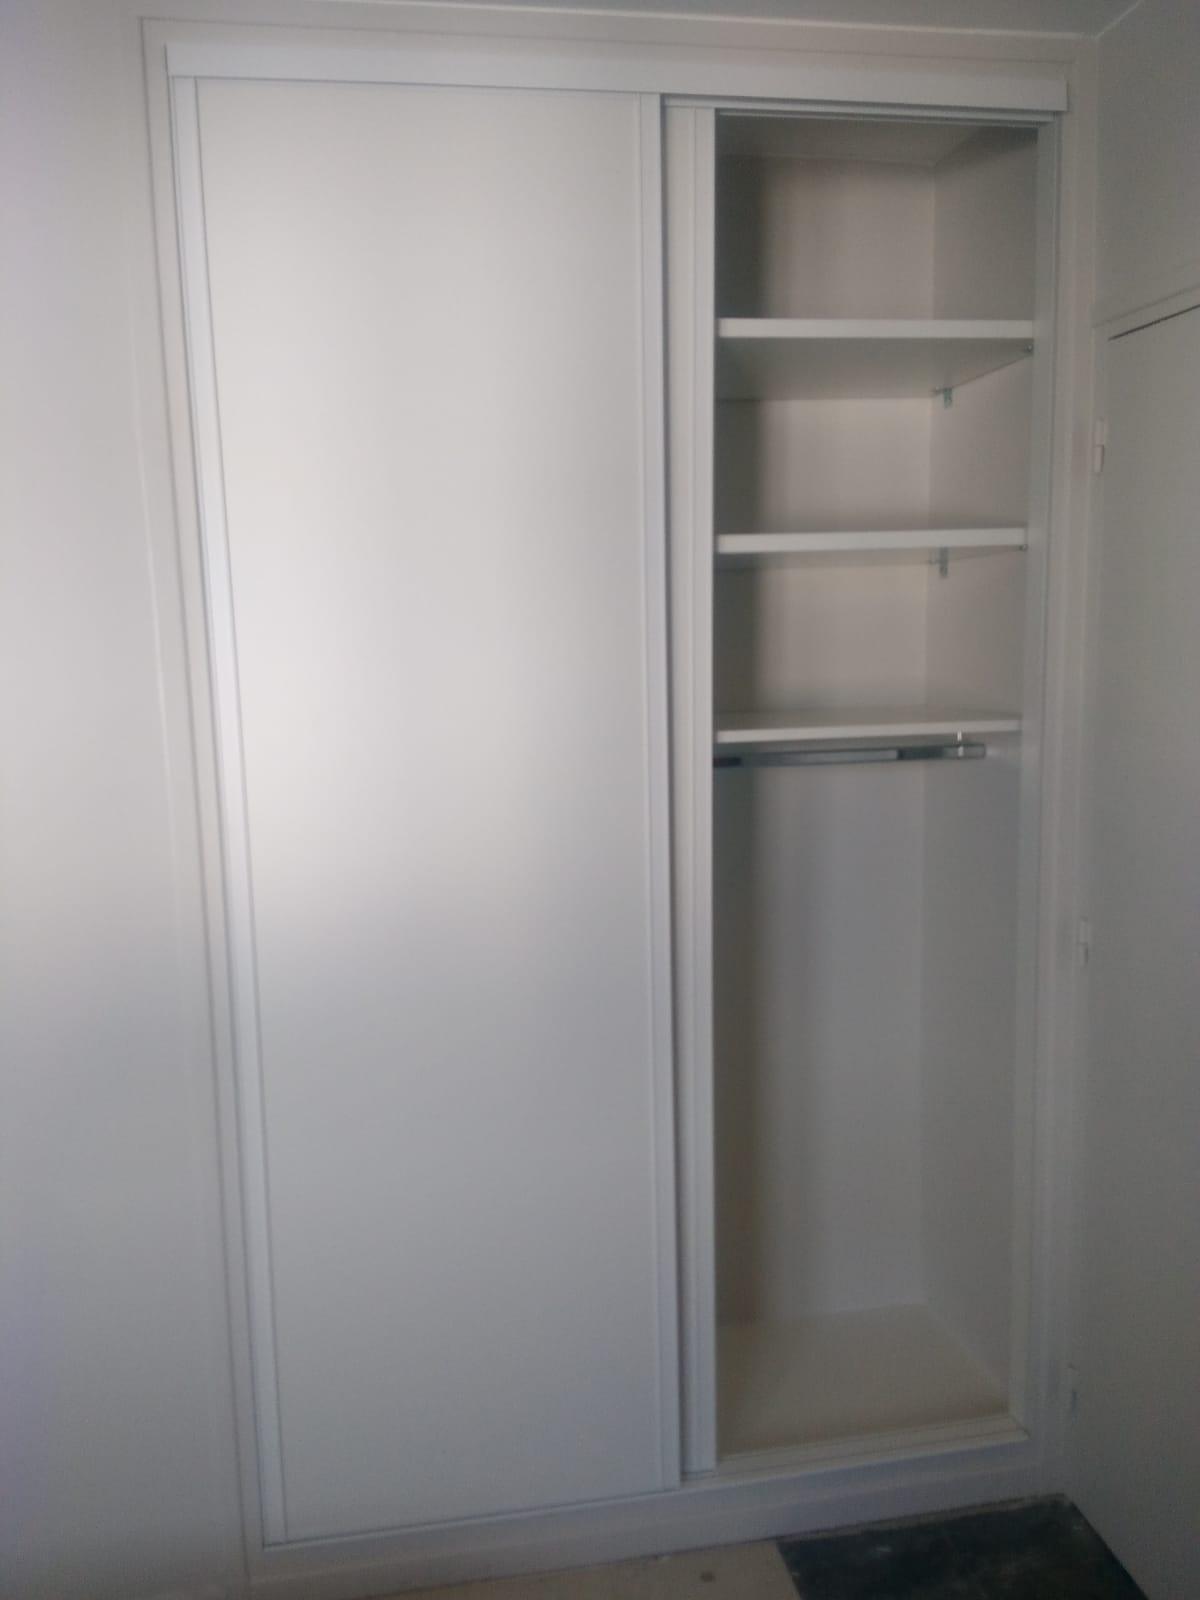 Sur cette dernière photos, on voit le placard avec les portes ouvertes. On y voit les espaces de rangements.